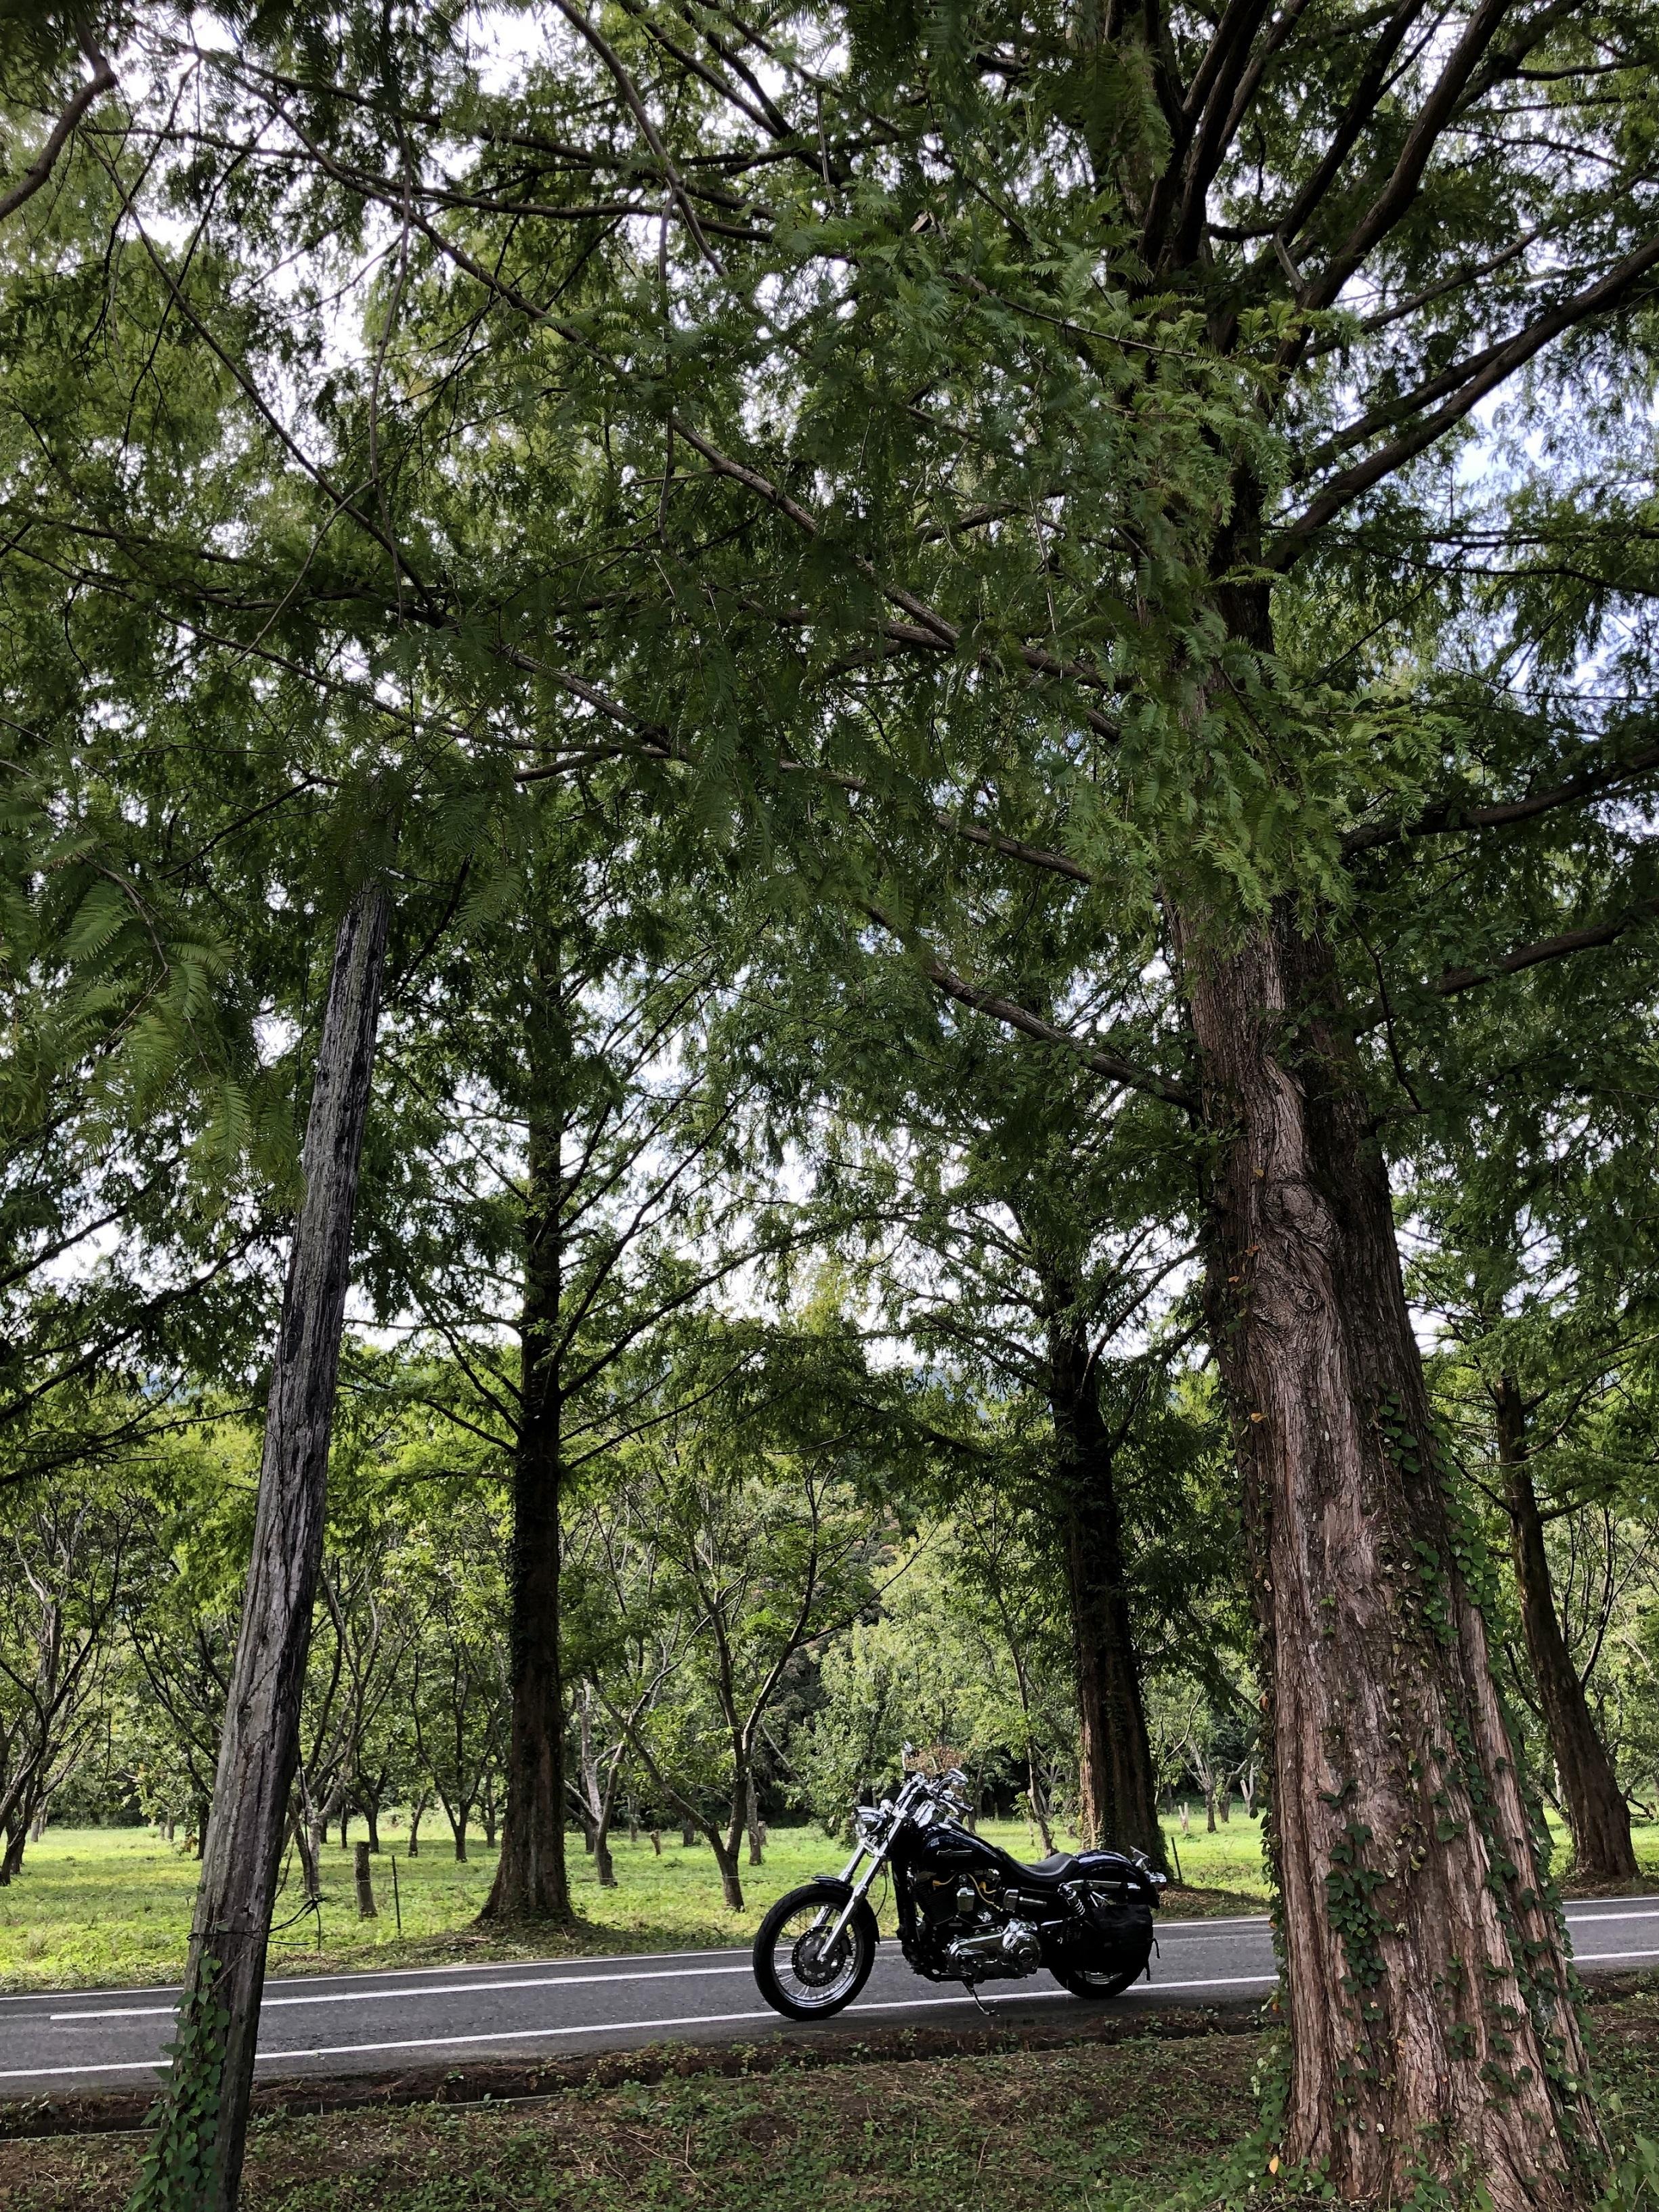 ぴーきち&ダイナ ハーレーで行くメタセコイア並木 メタセコイア並木 到着